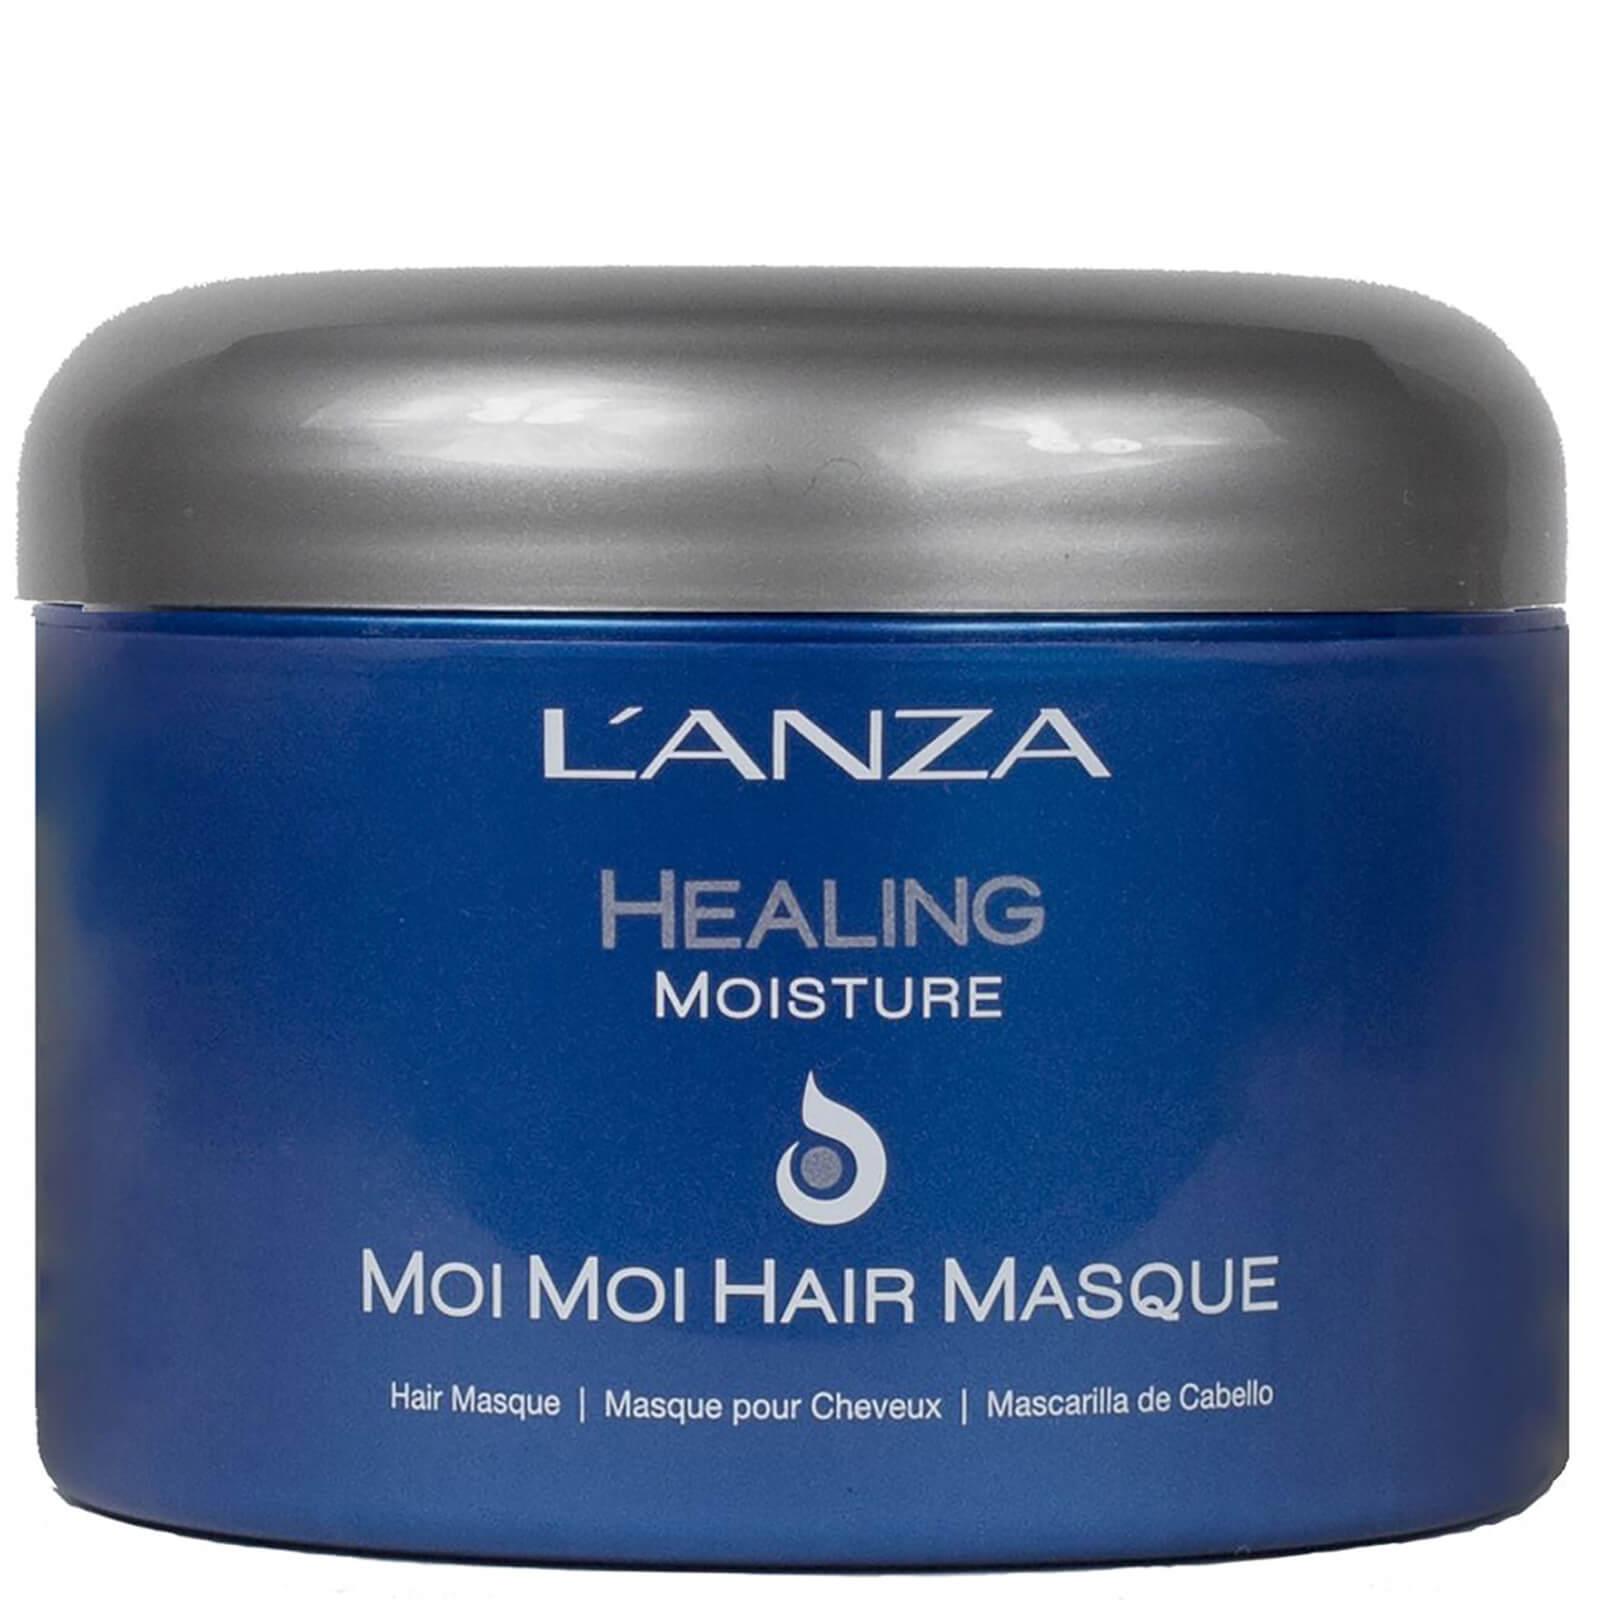 L Anza Healing Moisture Moi Moi Hair Masque 200ml Free